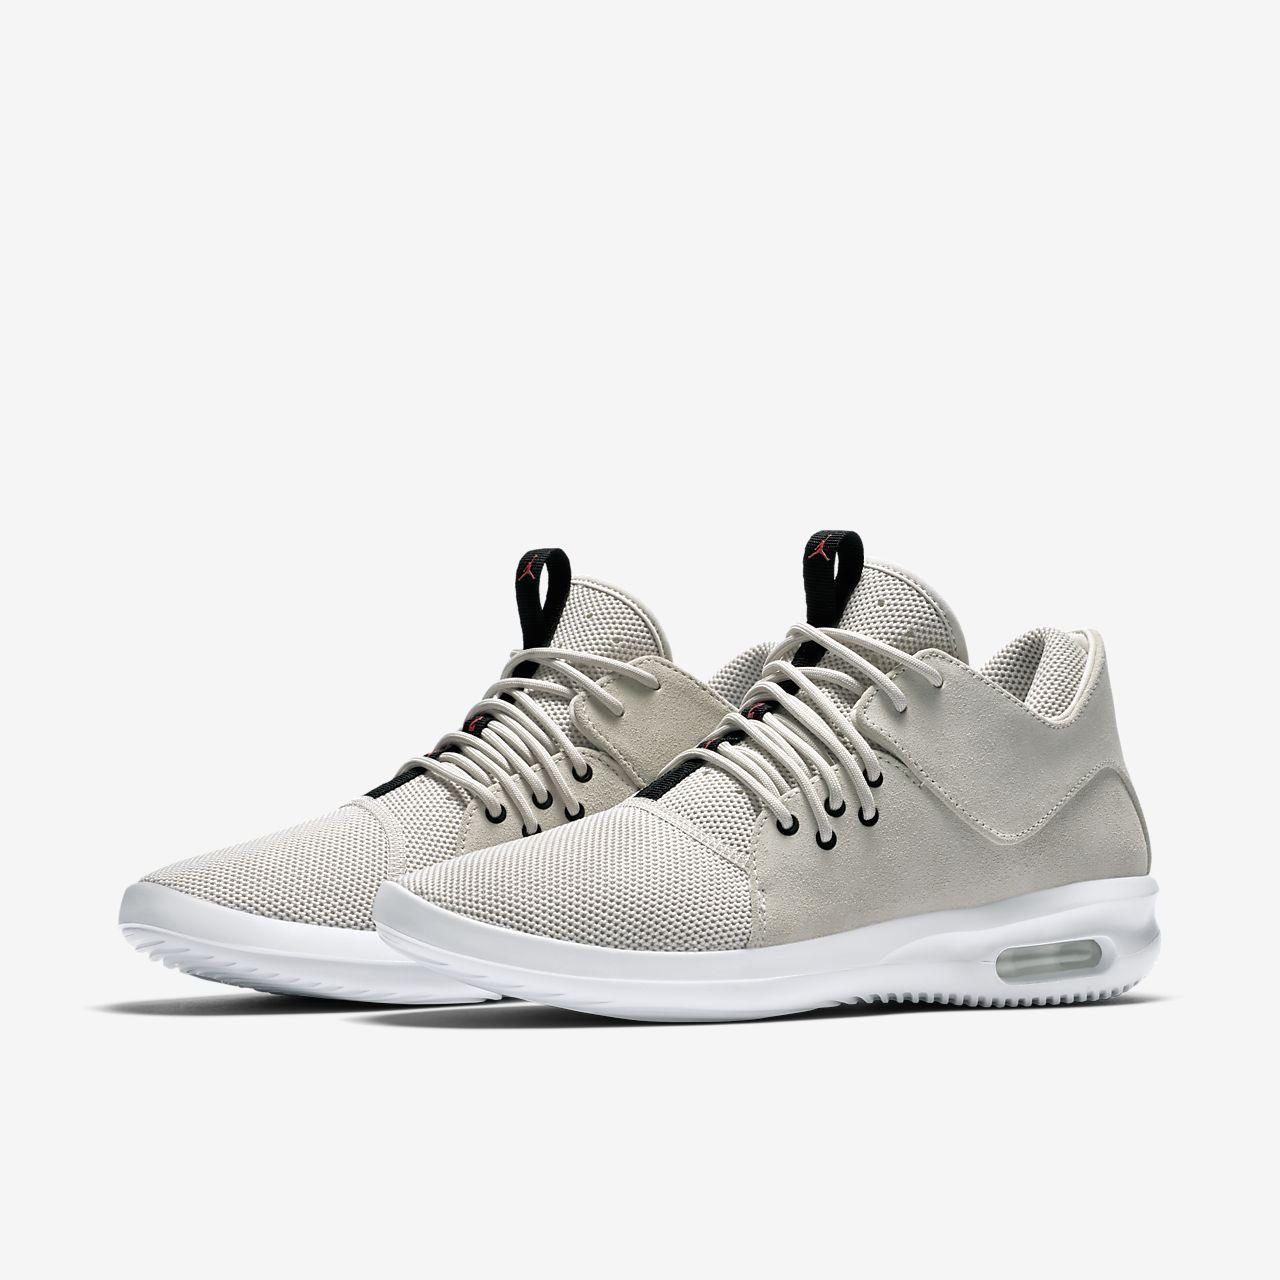 Jordans for men, Air jordans, Cream shoes